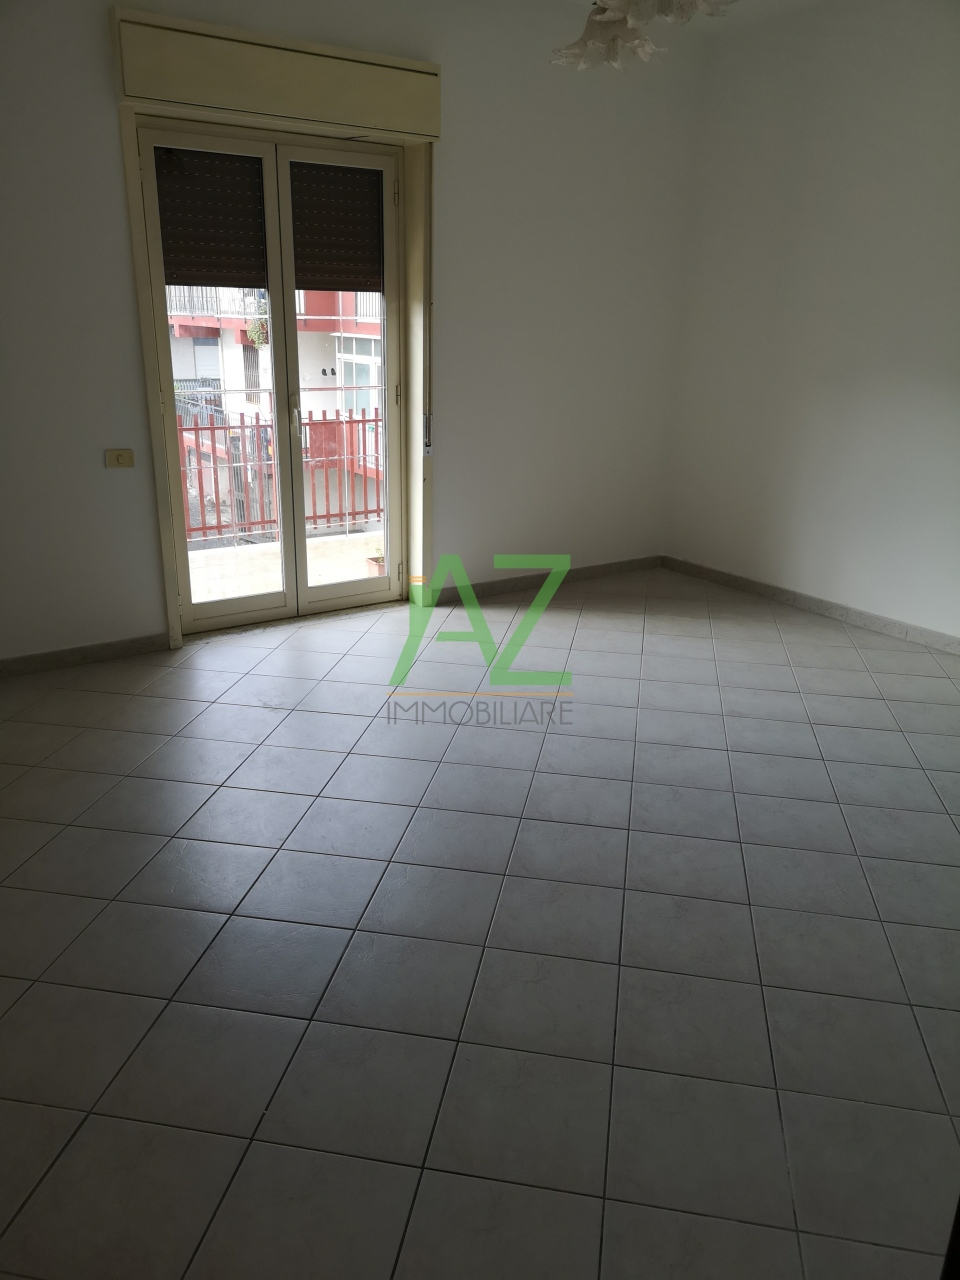 Appartamento in buone condizioni in vendita Rif. 10770753